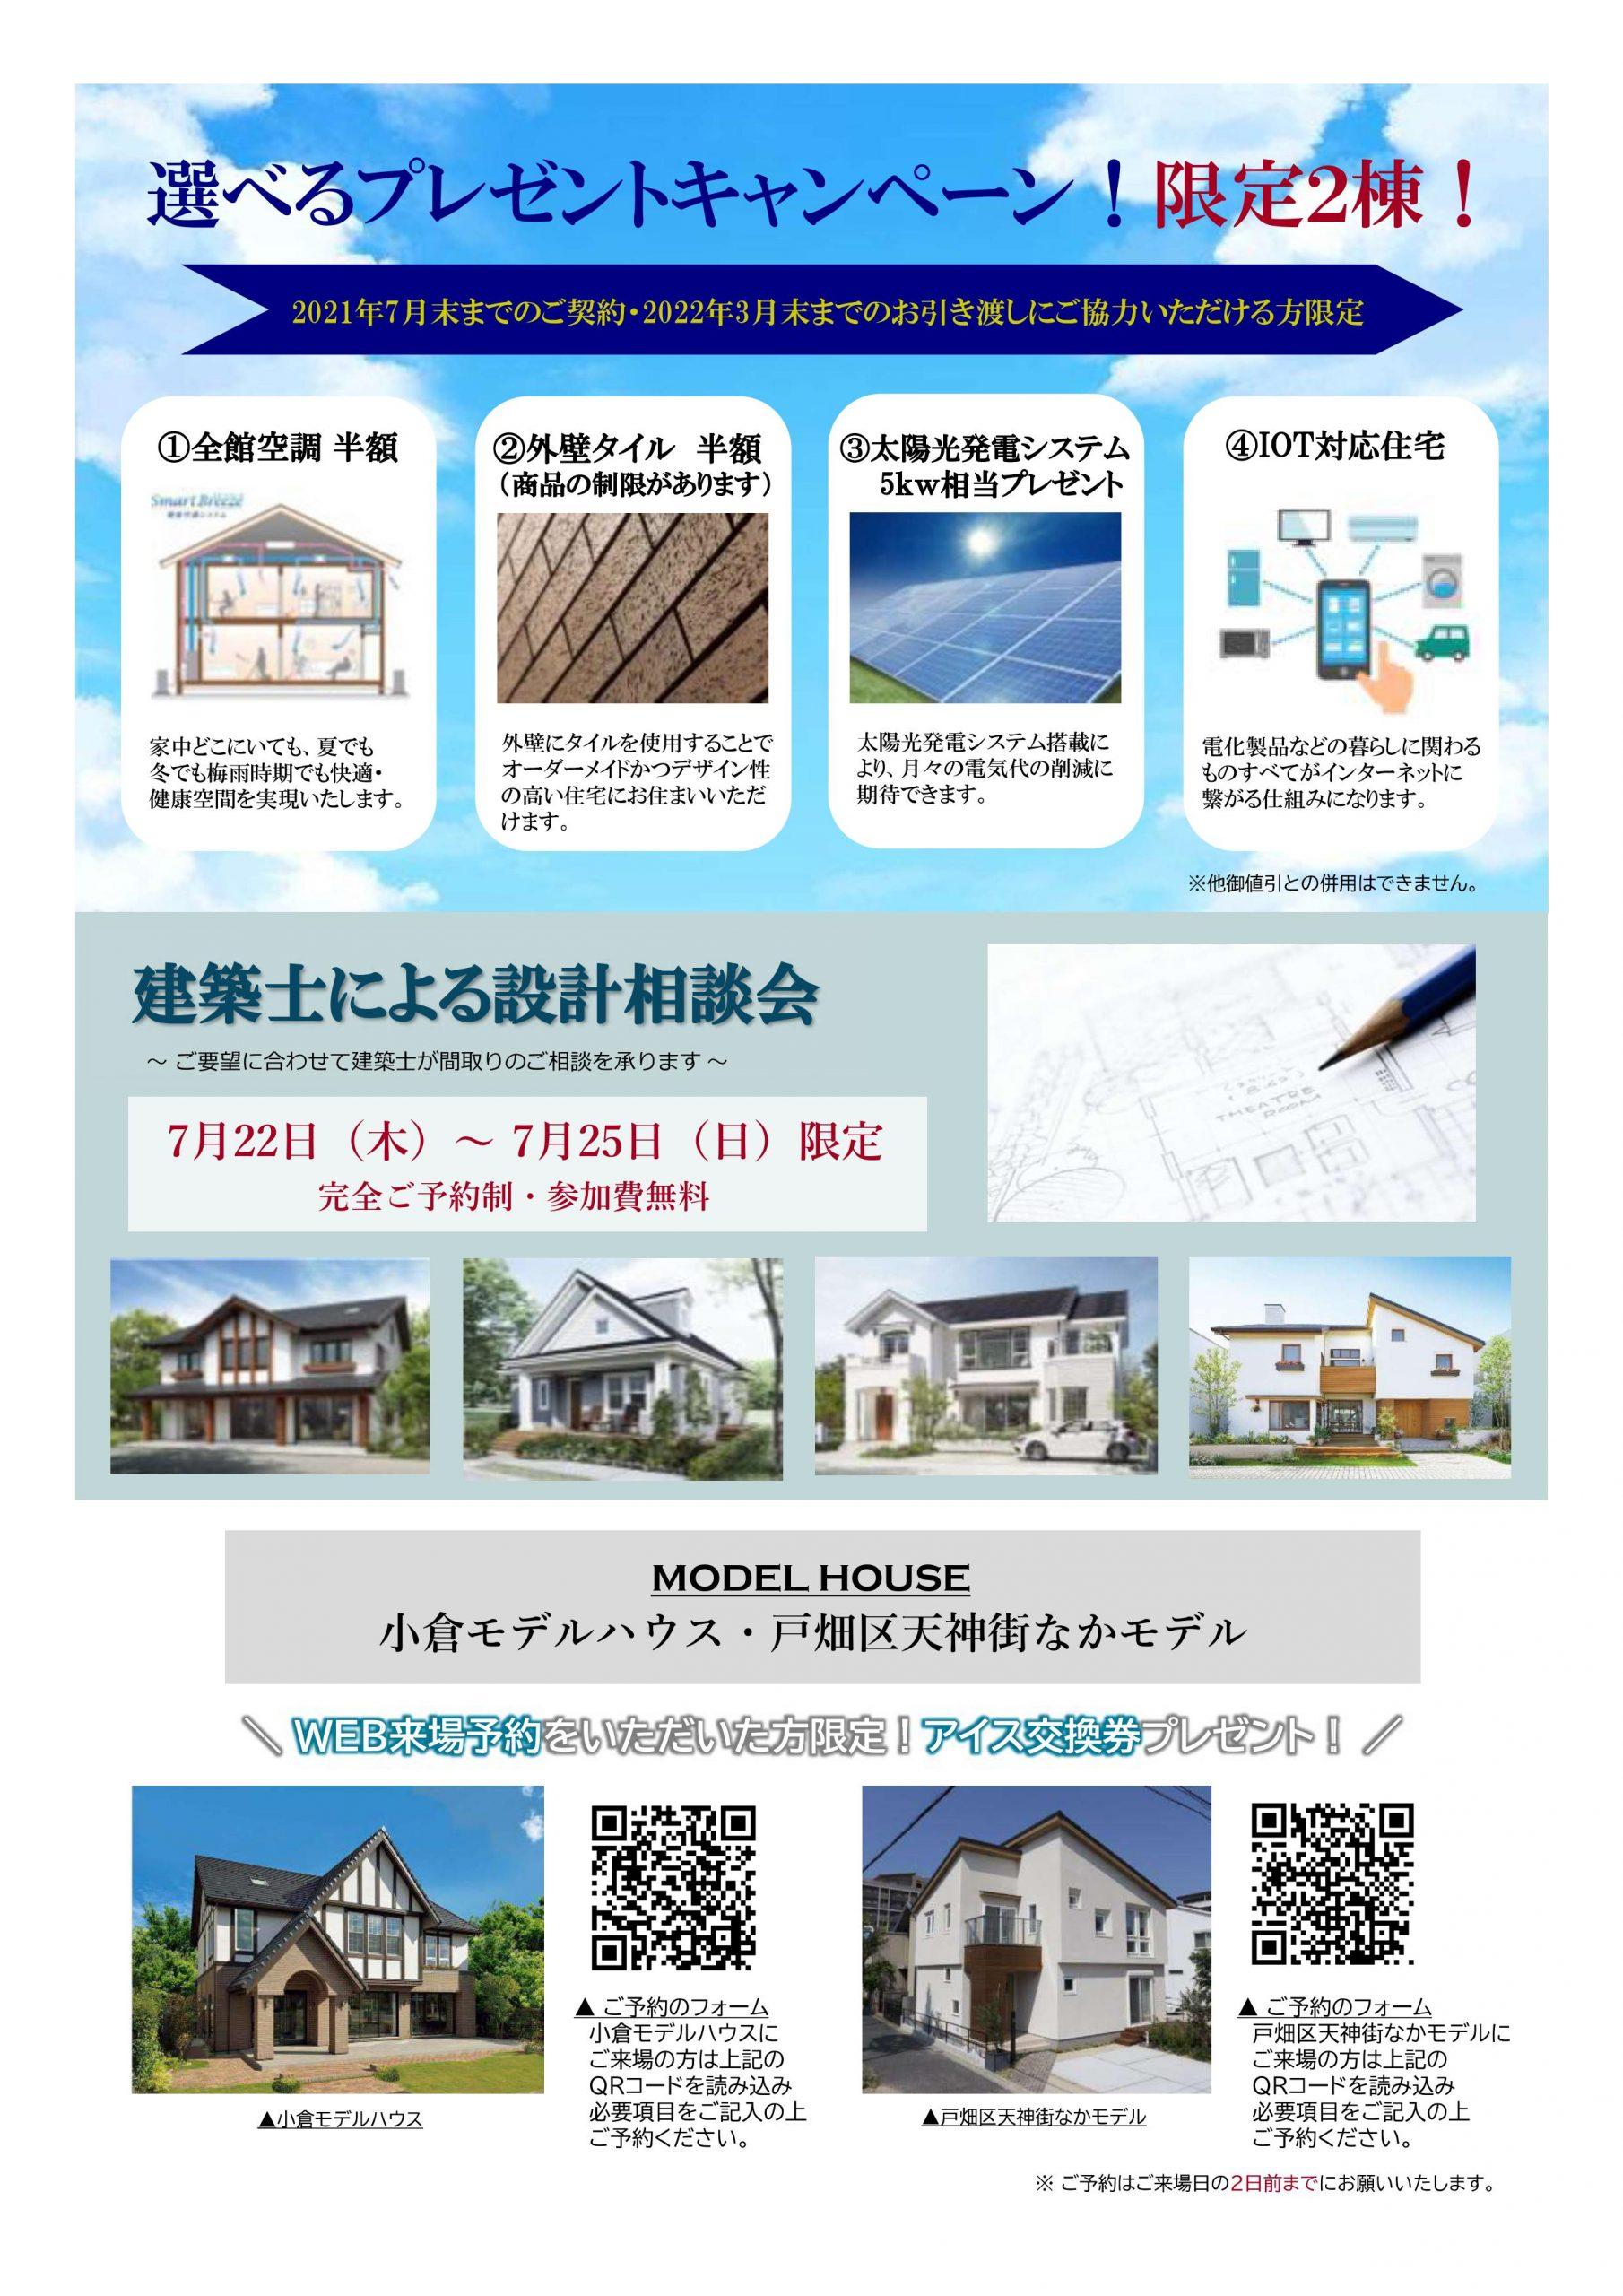 【三井ホーム】2021年7月選べるプレゼントキャンペーン